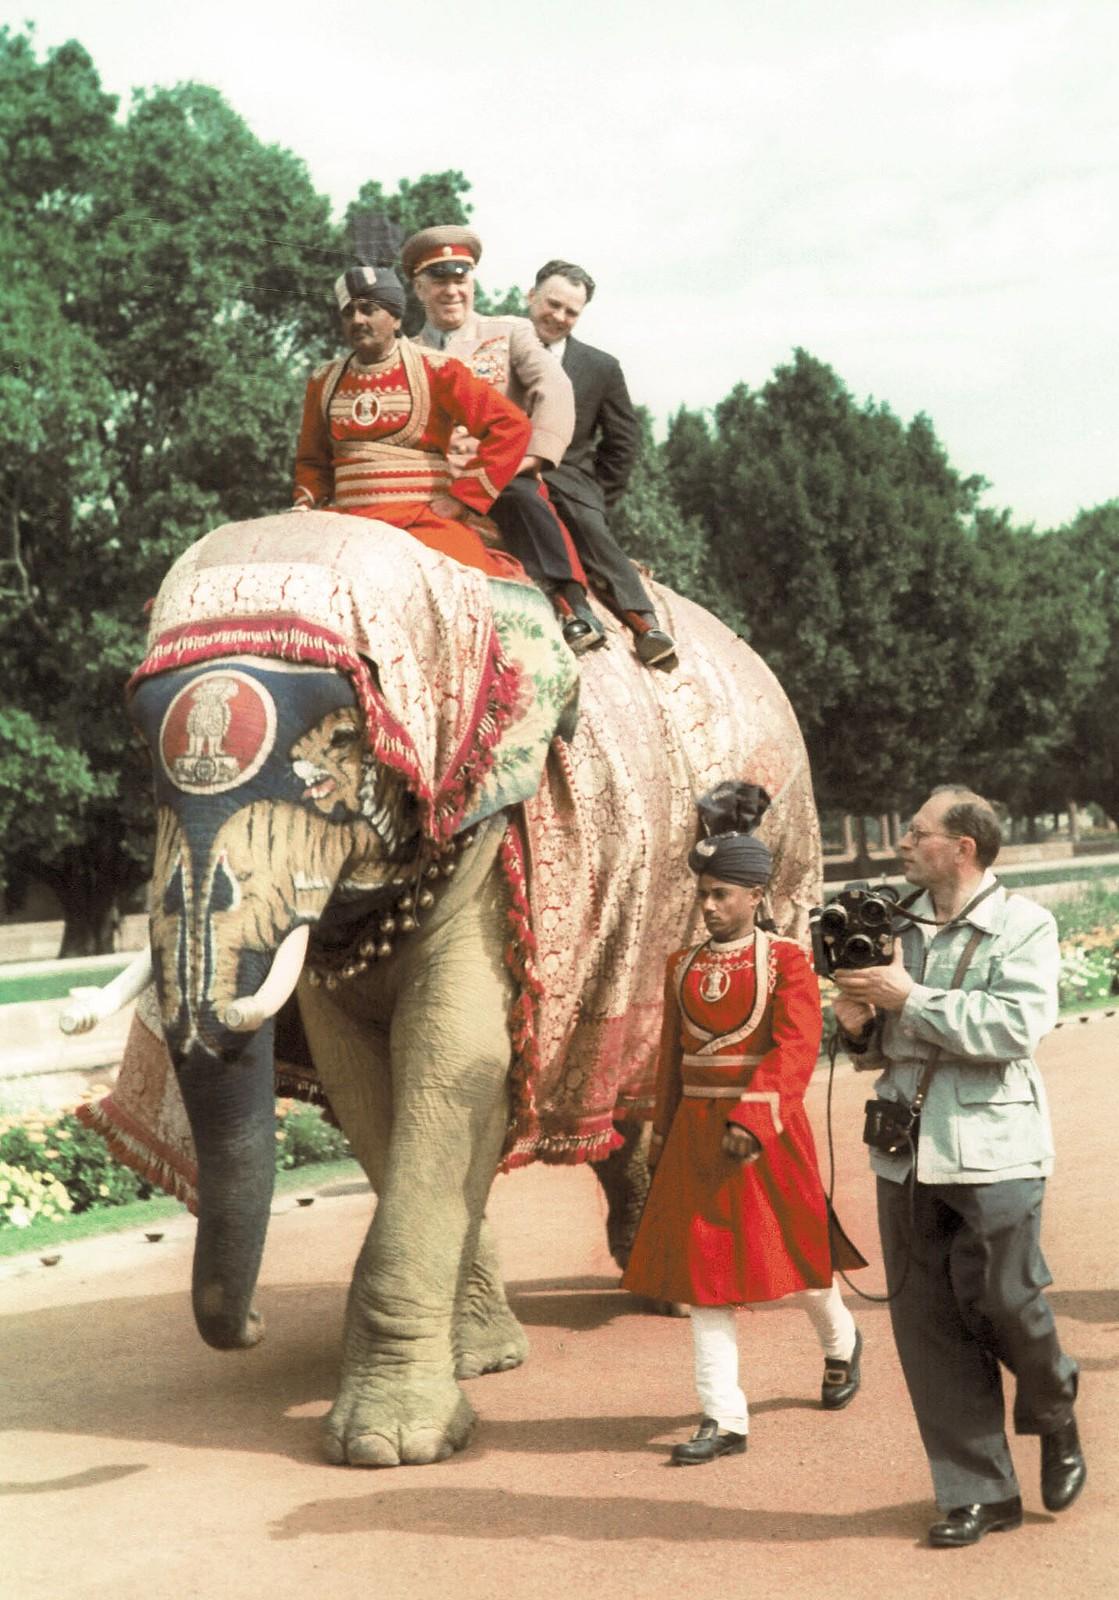 1957. Министр обороны Советского Союза Георгий Жуков едет на слоне во время своего визита в Индию